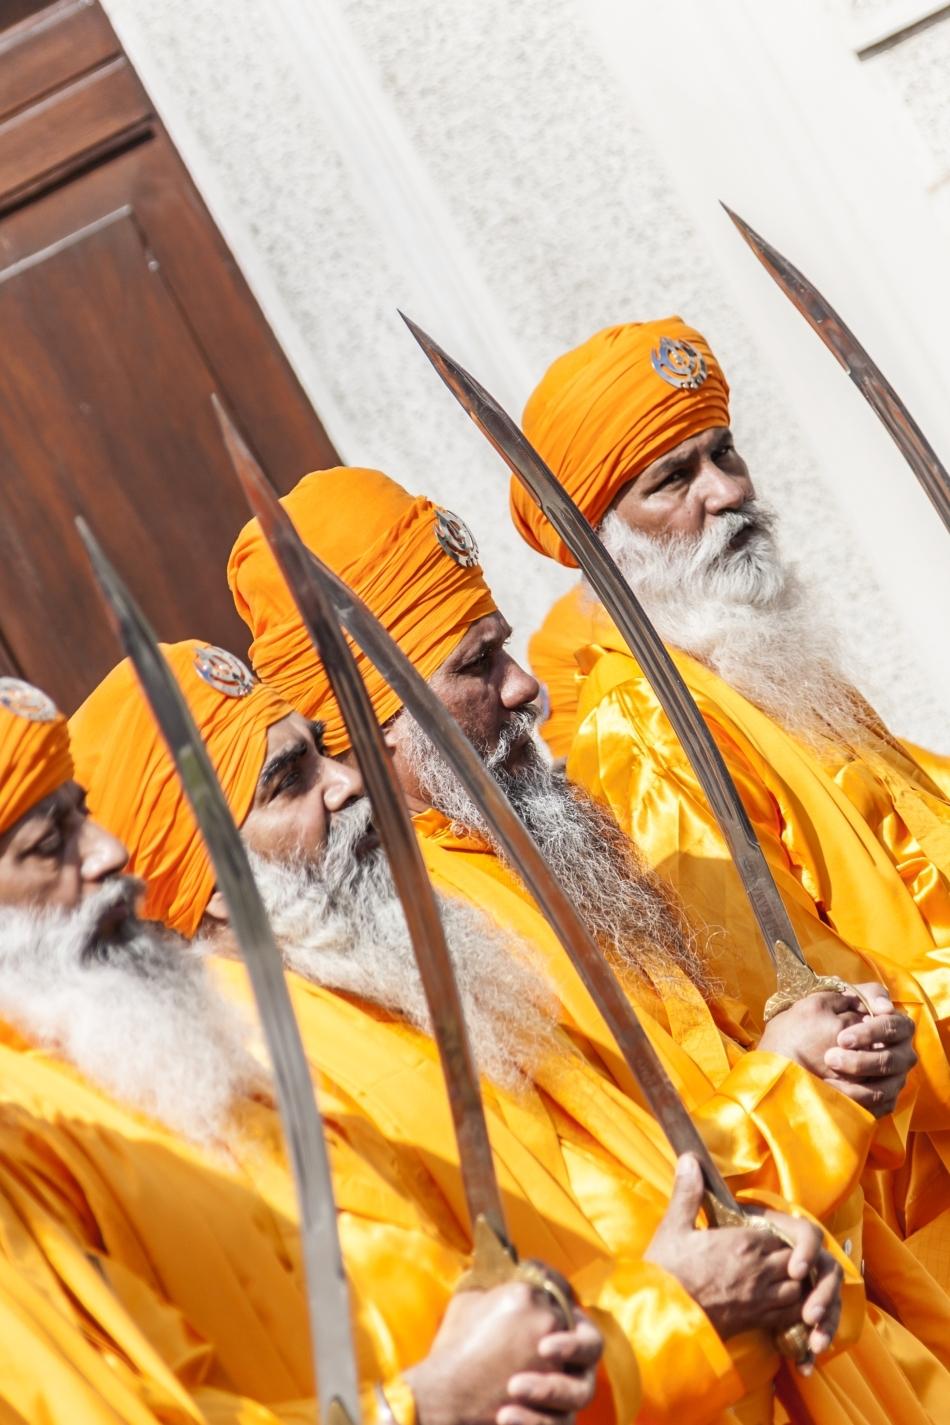 Bătrâni sikşi înarmaţii cu săbii în cadrul unei procesiuni religioase